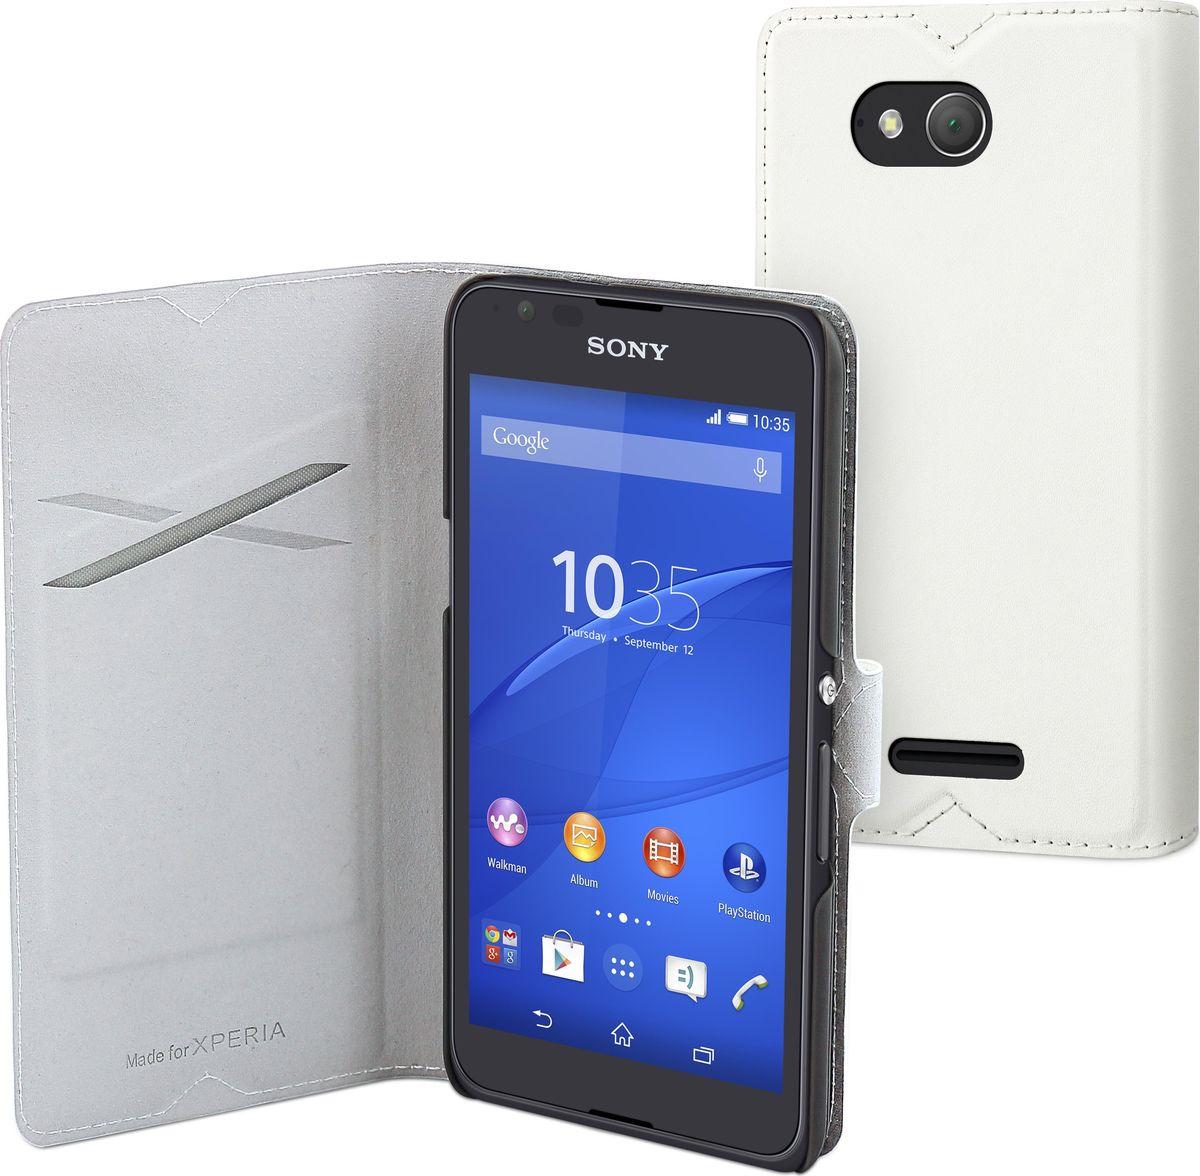 Чехол для сотового телефона Muvit MFX Slim S Folio для Sony Xperia E4g (e2_III Calla), SESLI0137, белый стоимость